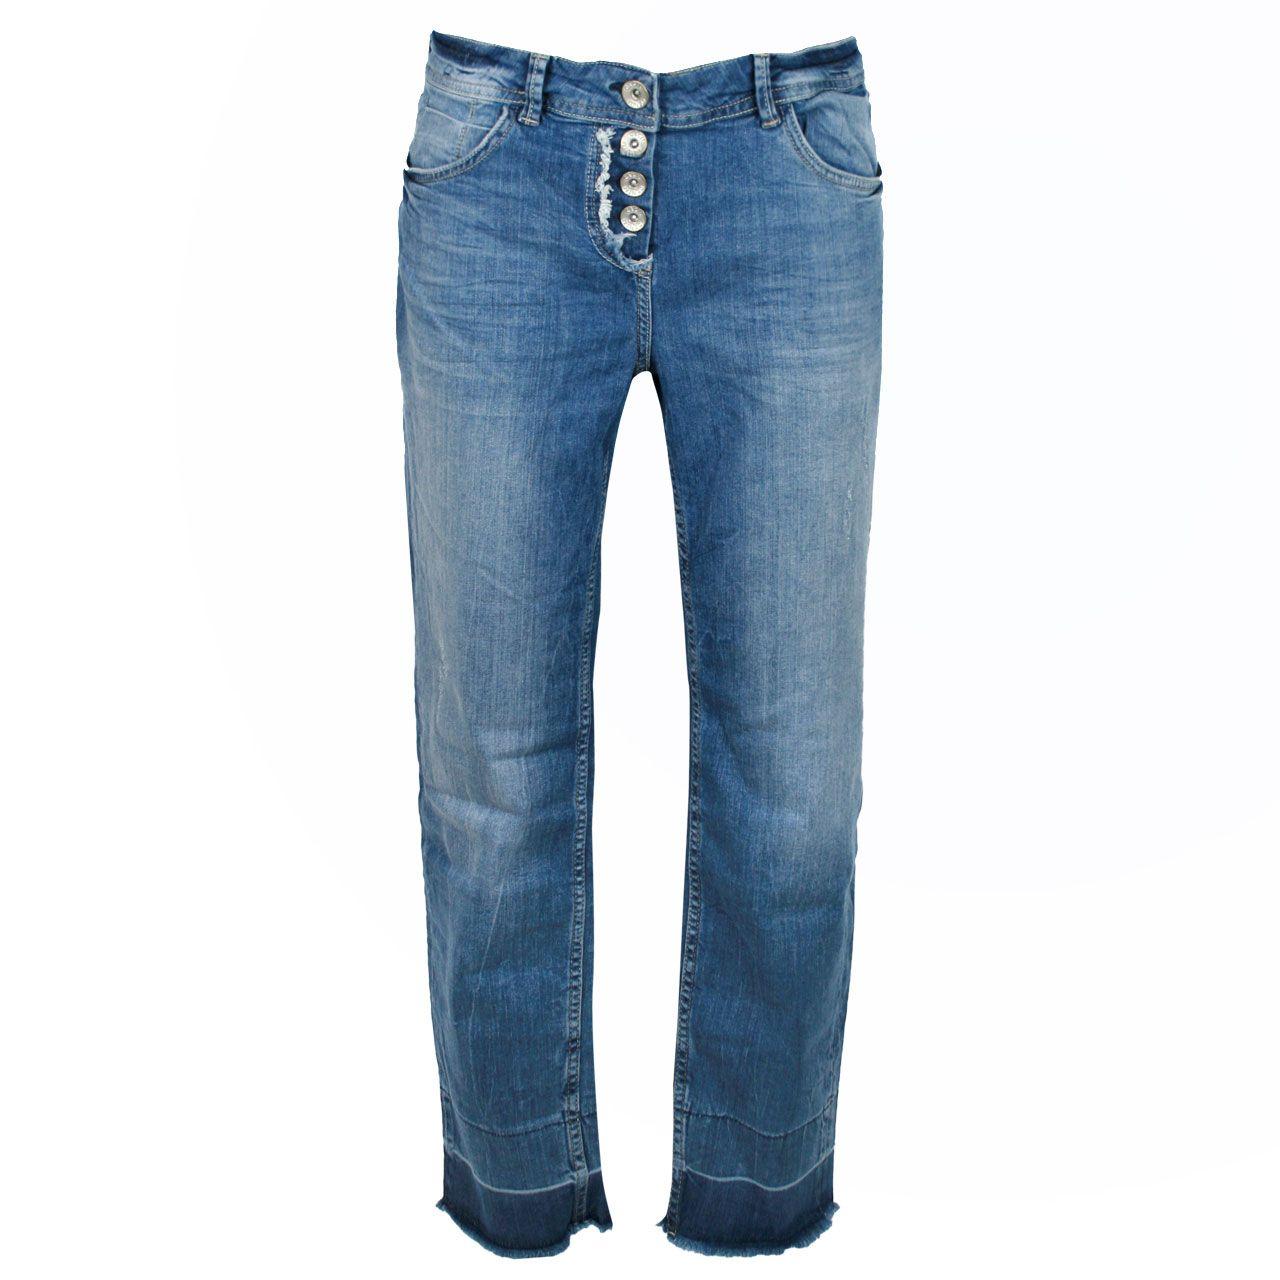 die besten 25 damen jeans online ideen auf pinterest mango stiefel boots grau damen und. Black Bedroom Furniture Sets. Home Design Ideas